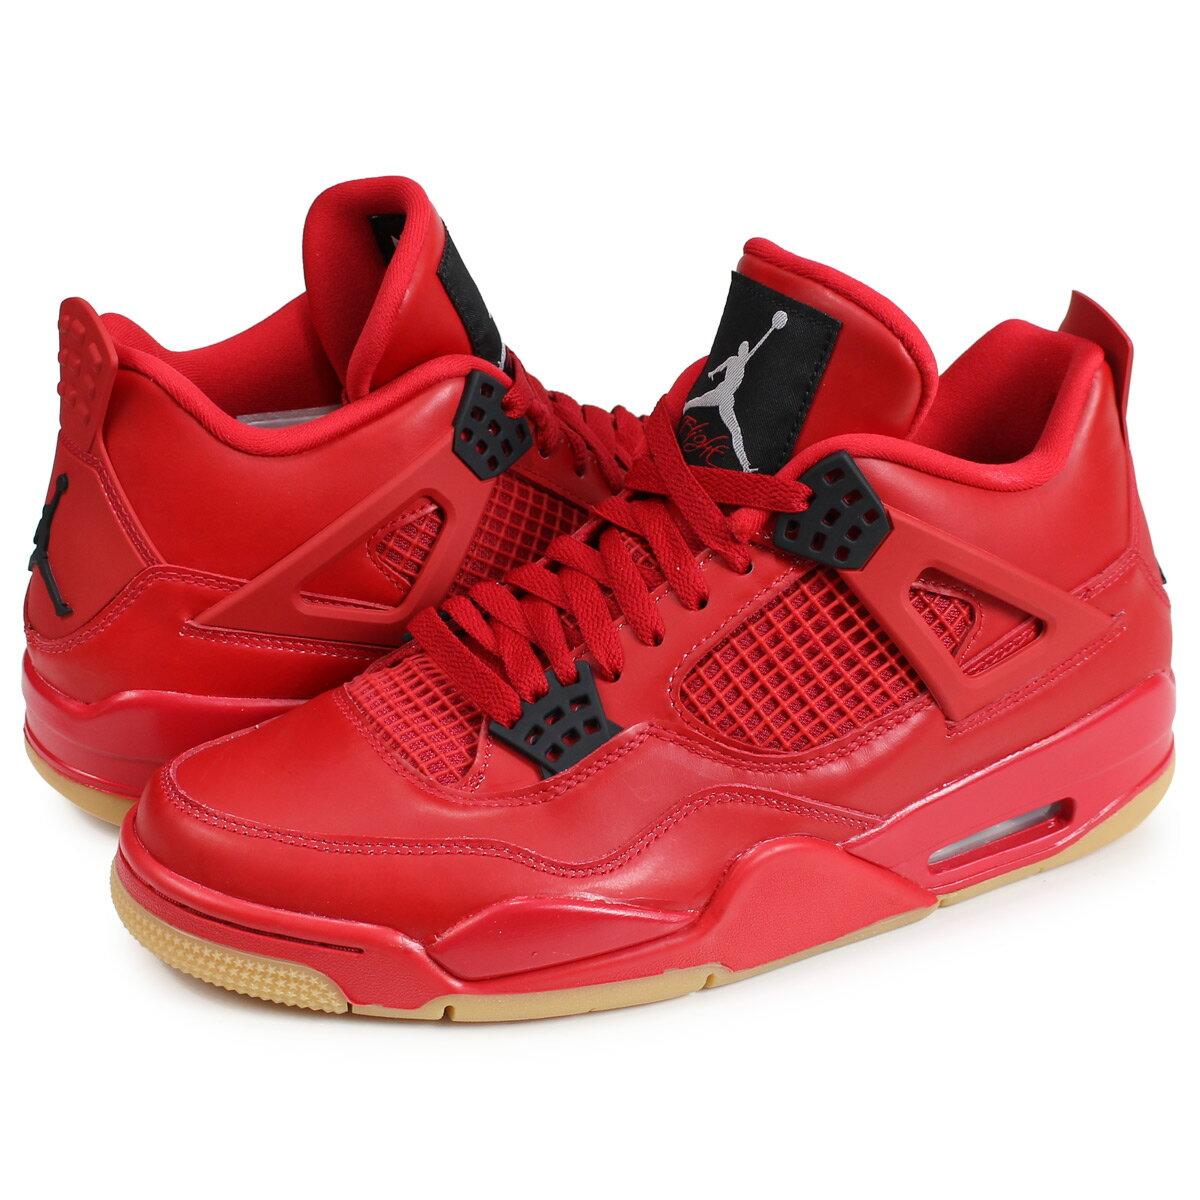 メンズ靴, スニーカー  NIKE 4 WMNS AIR JORDAN 4 RETRO NRG SINGLES DAY AV3914-600